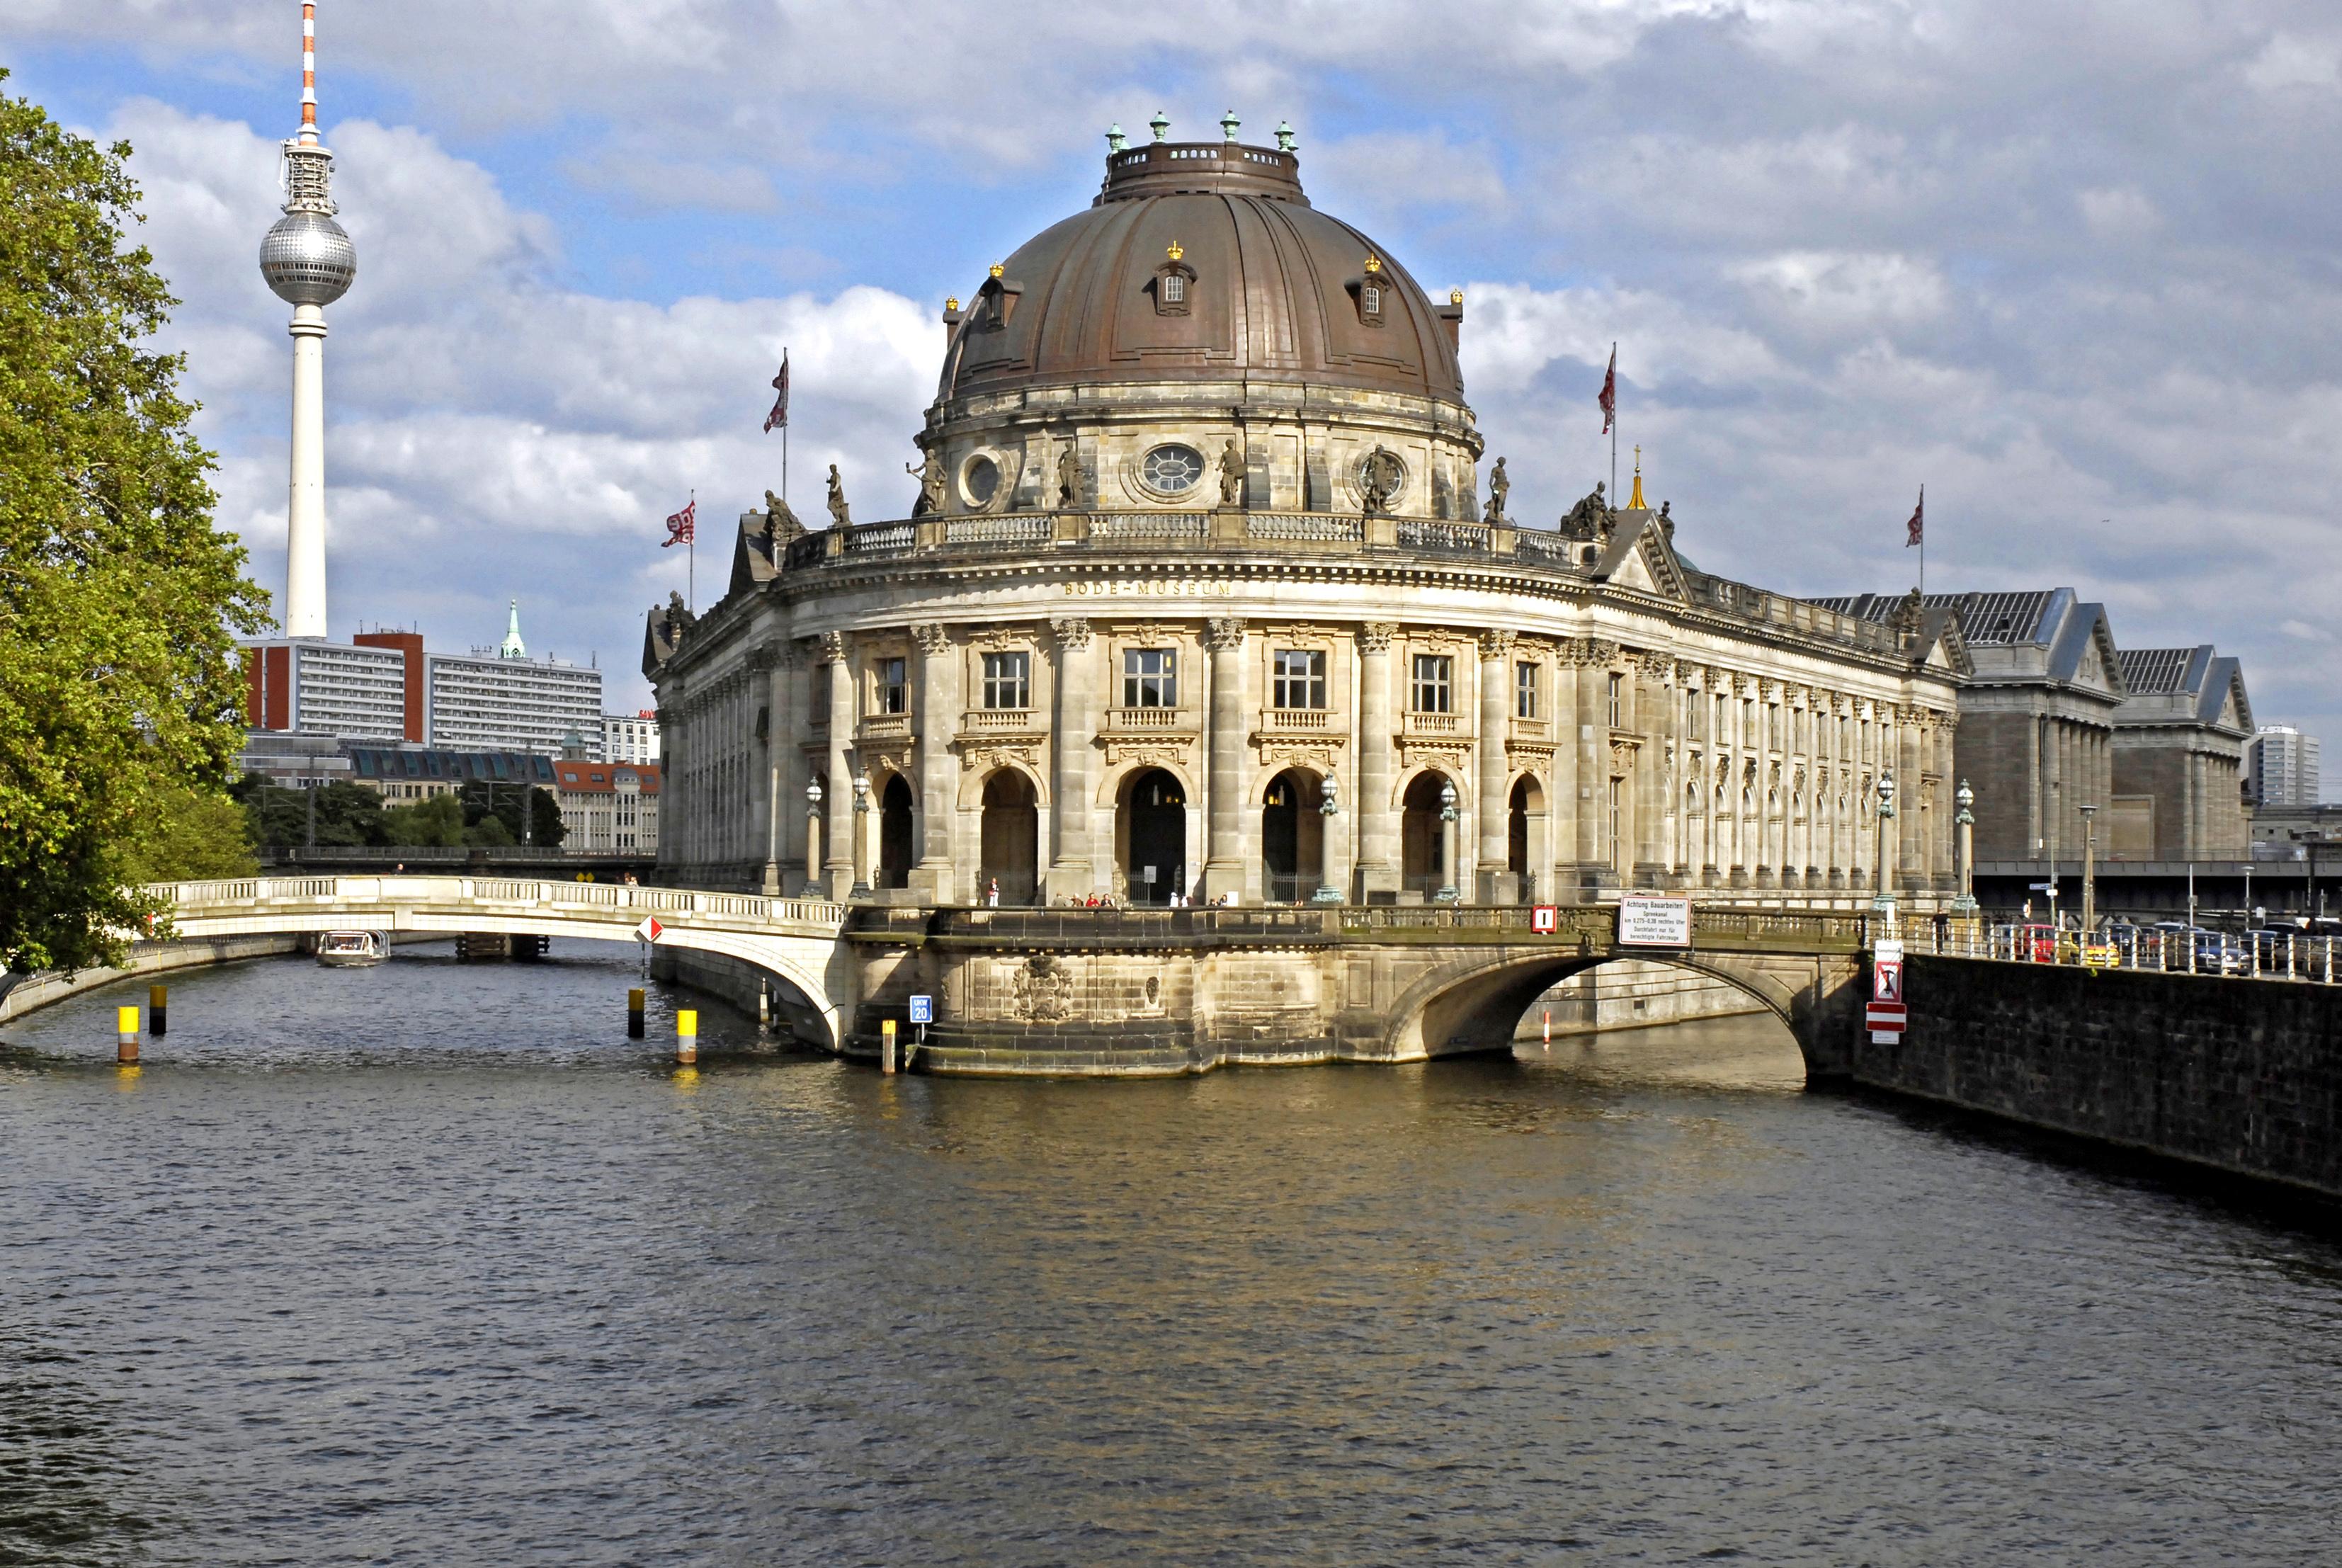 MBS-Kunden erhalten Rabatt in den Staatlichen Museen zu Berlin